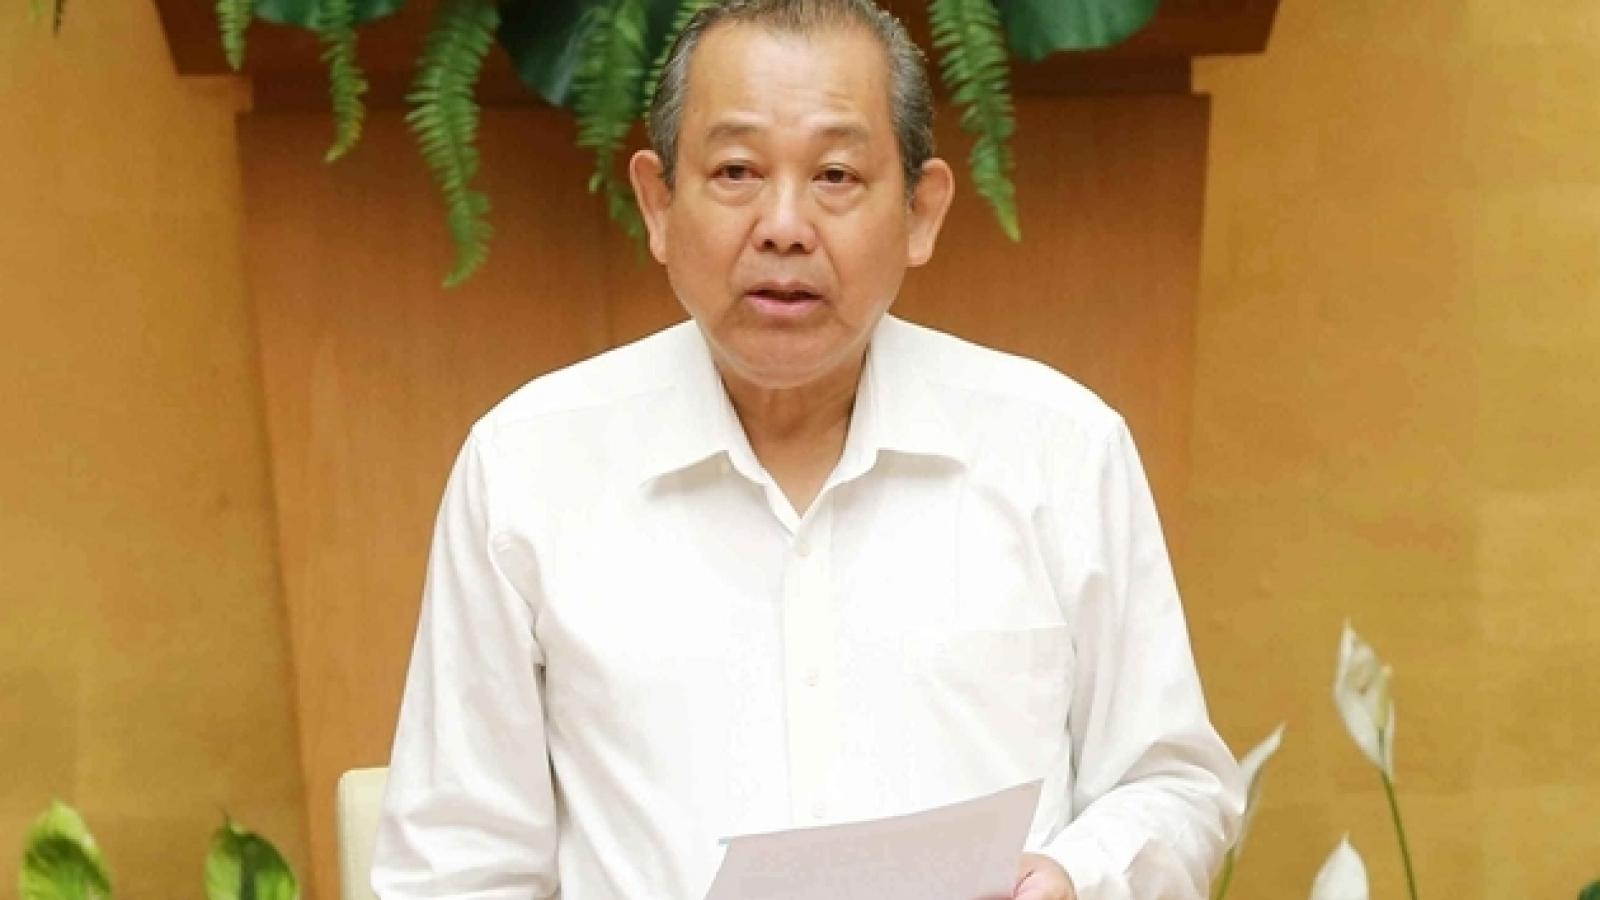 Giải quyết dứt điểm khiếu nại, tố cáo của 15 hộ dân khu phố Tân Quý